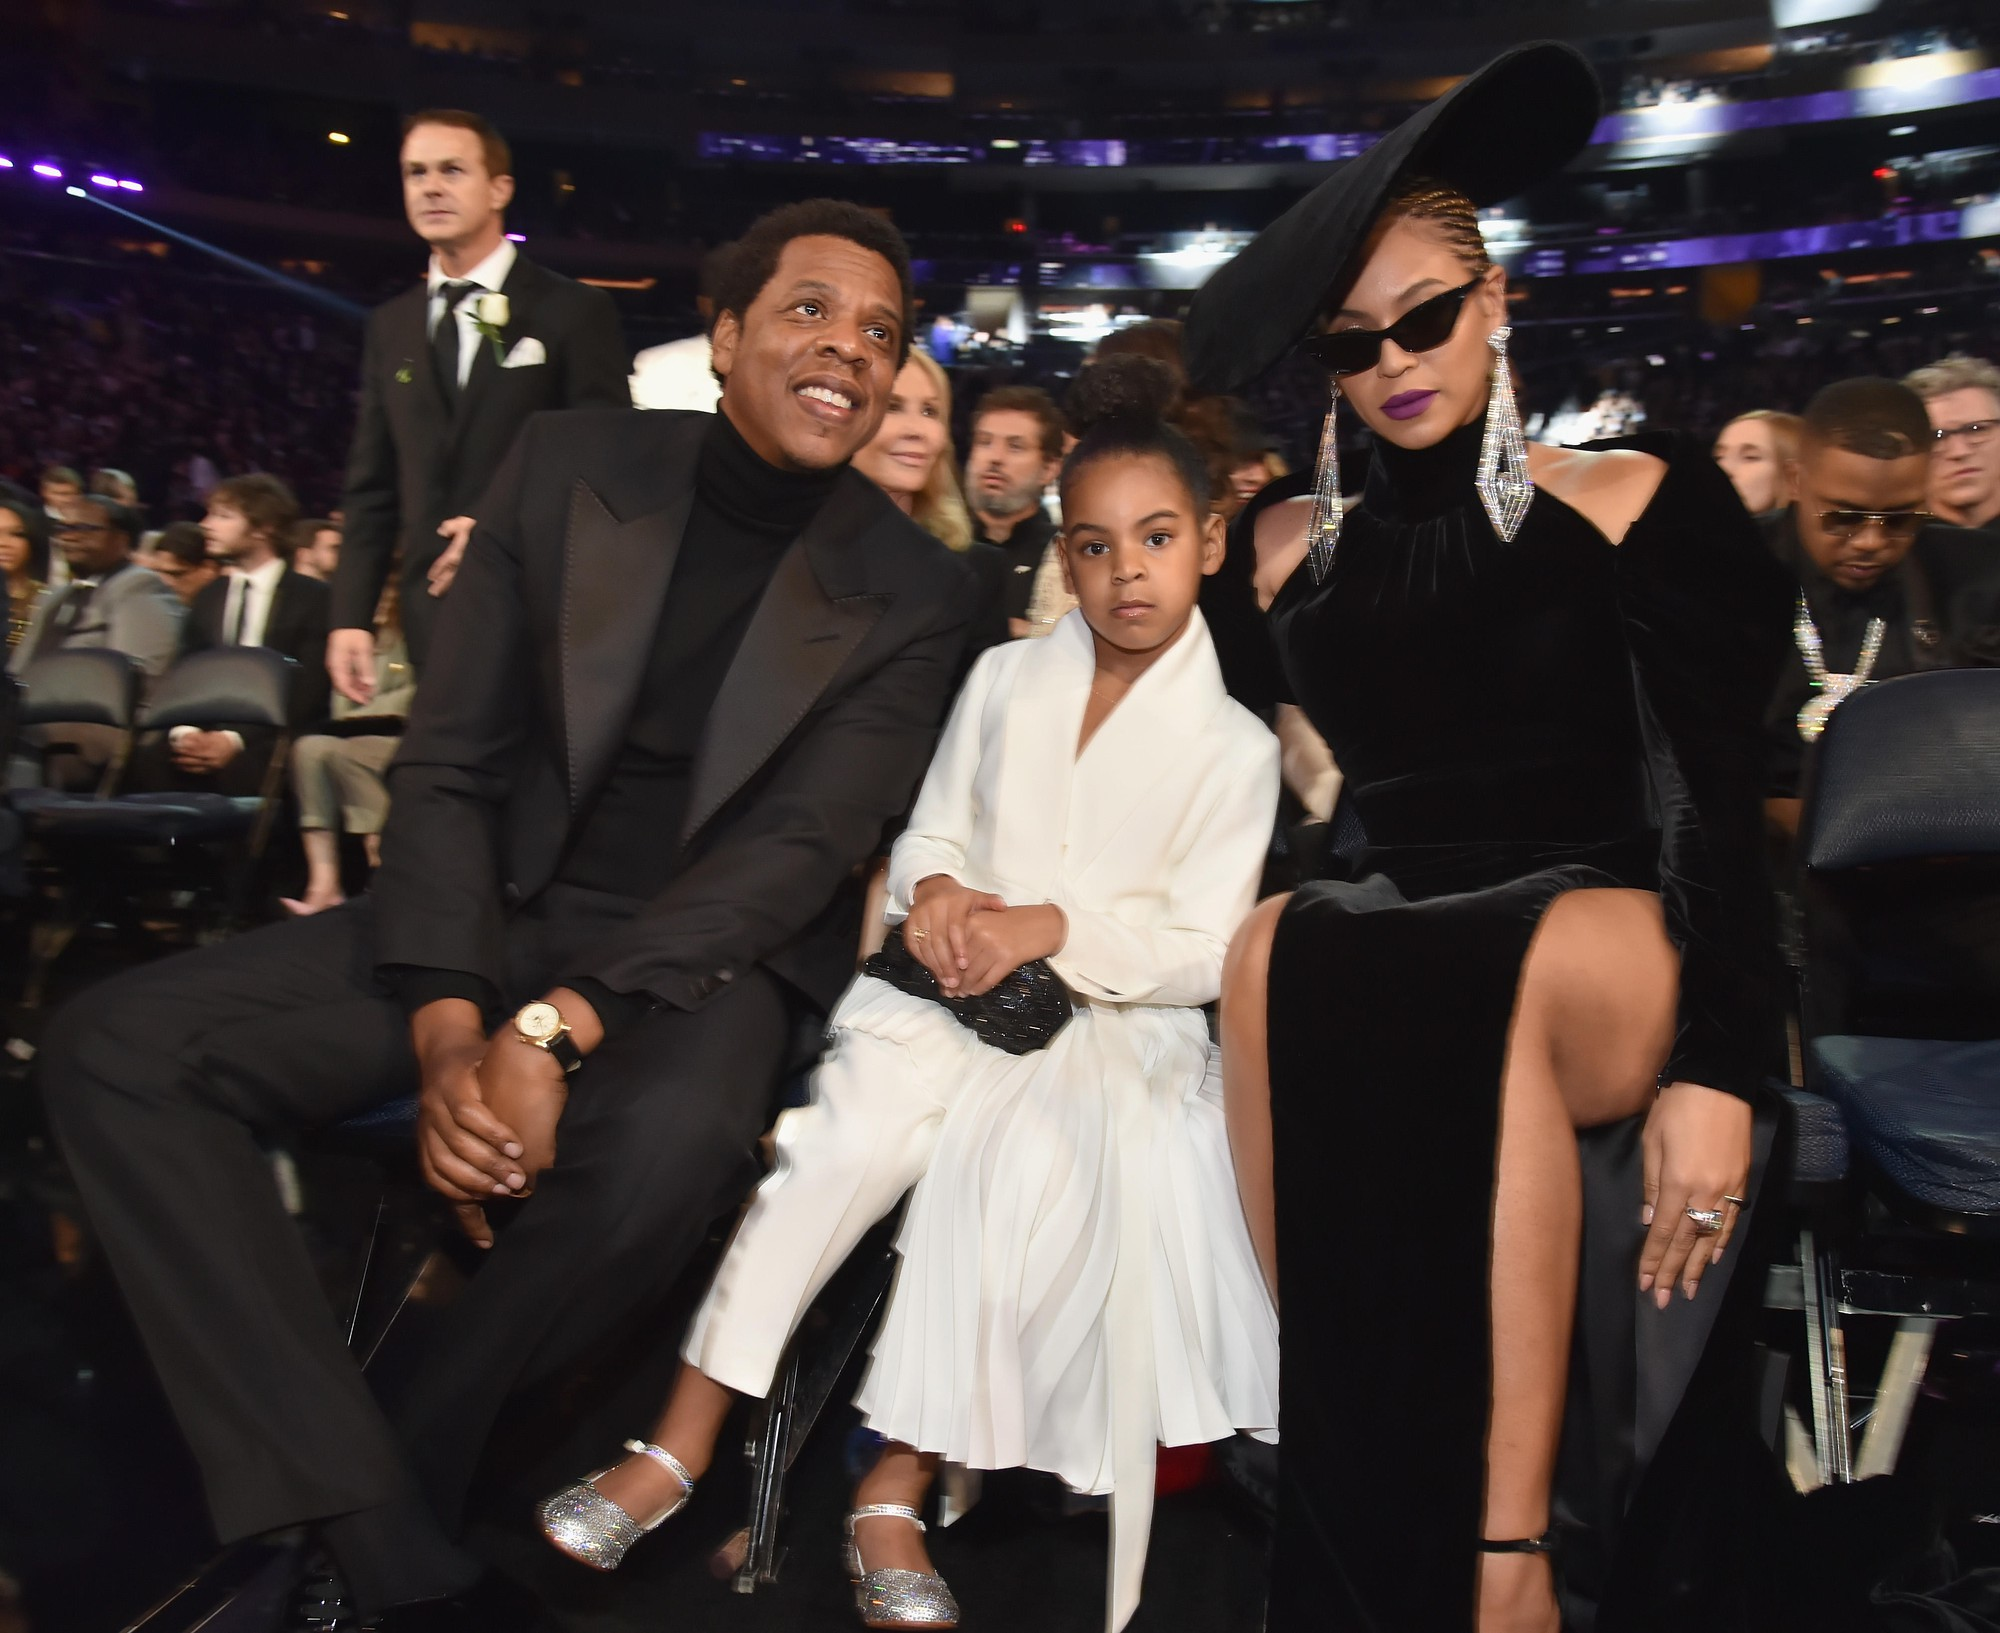 Kim bắt chước nhà Beyonce - Jay-Z, yêu cầu Kayne đưa con gái vào album mới? - Ảnh 2.